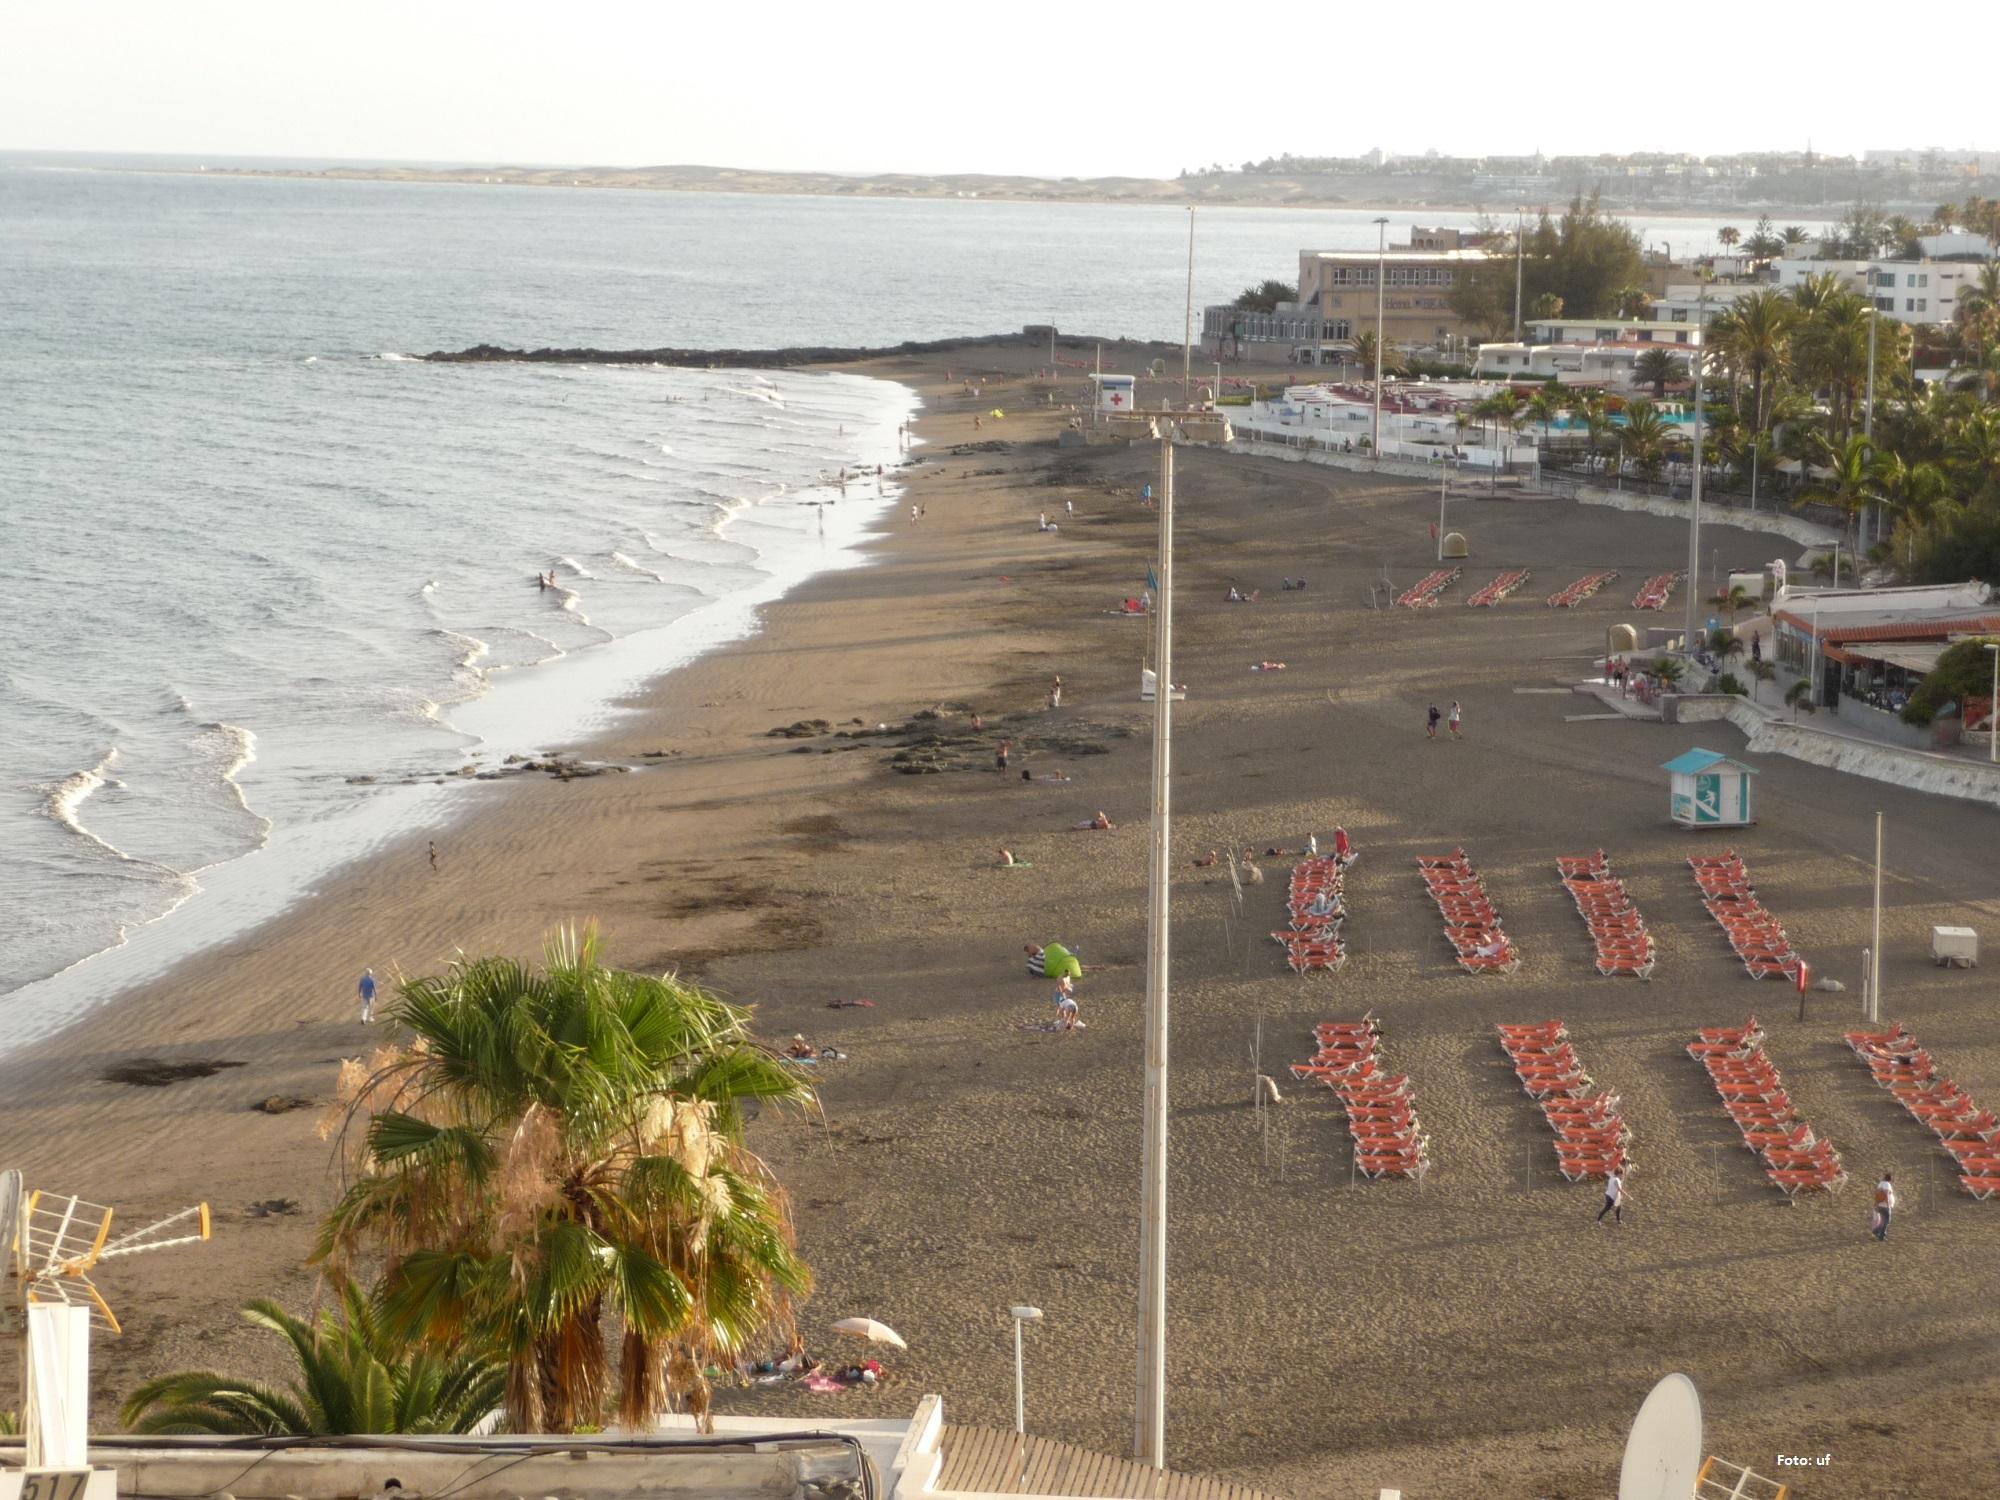 Im Hintergrund das Hotel San Augustin Beach Club